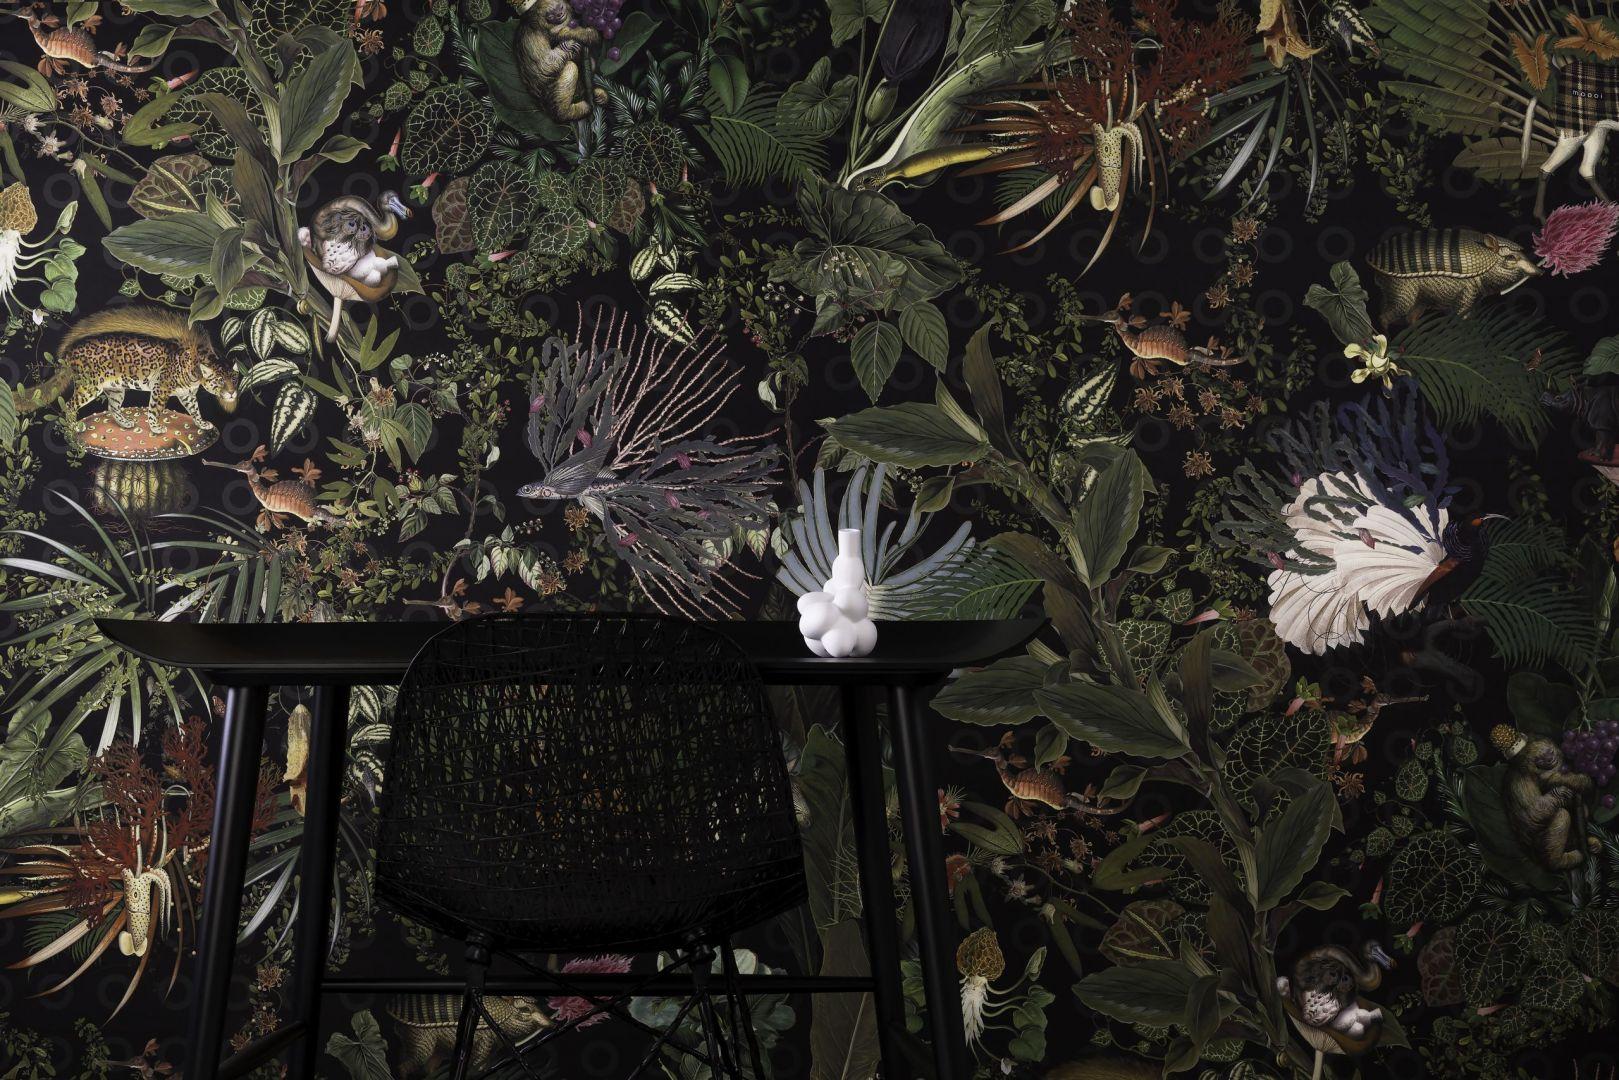 Extinct animals, czyli menażeria wymarłych zwierząt. Fot. Moooi Wallcovering / tapetujemy.pl